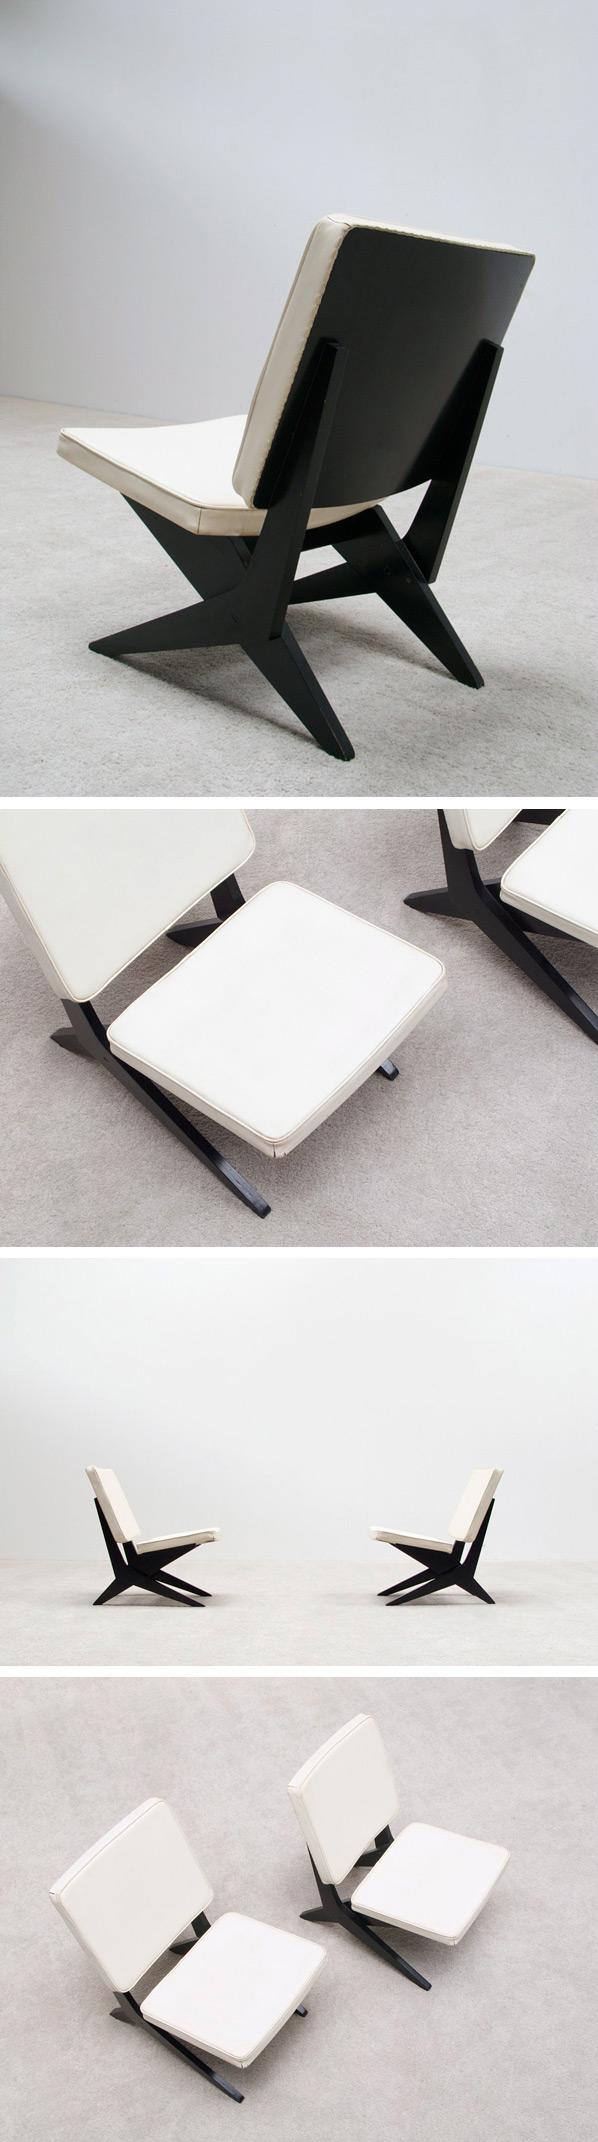 Pair of Peter van Grunsven side chairs Large